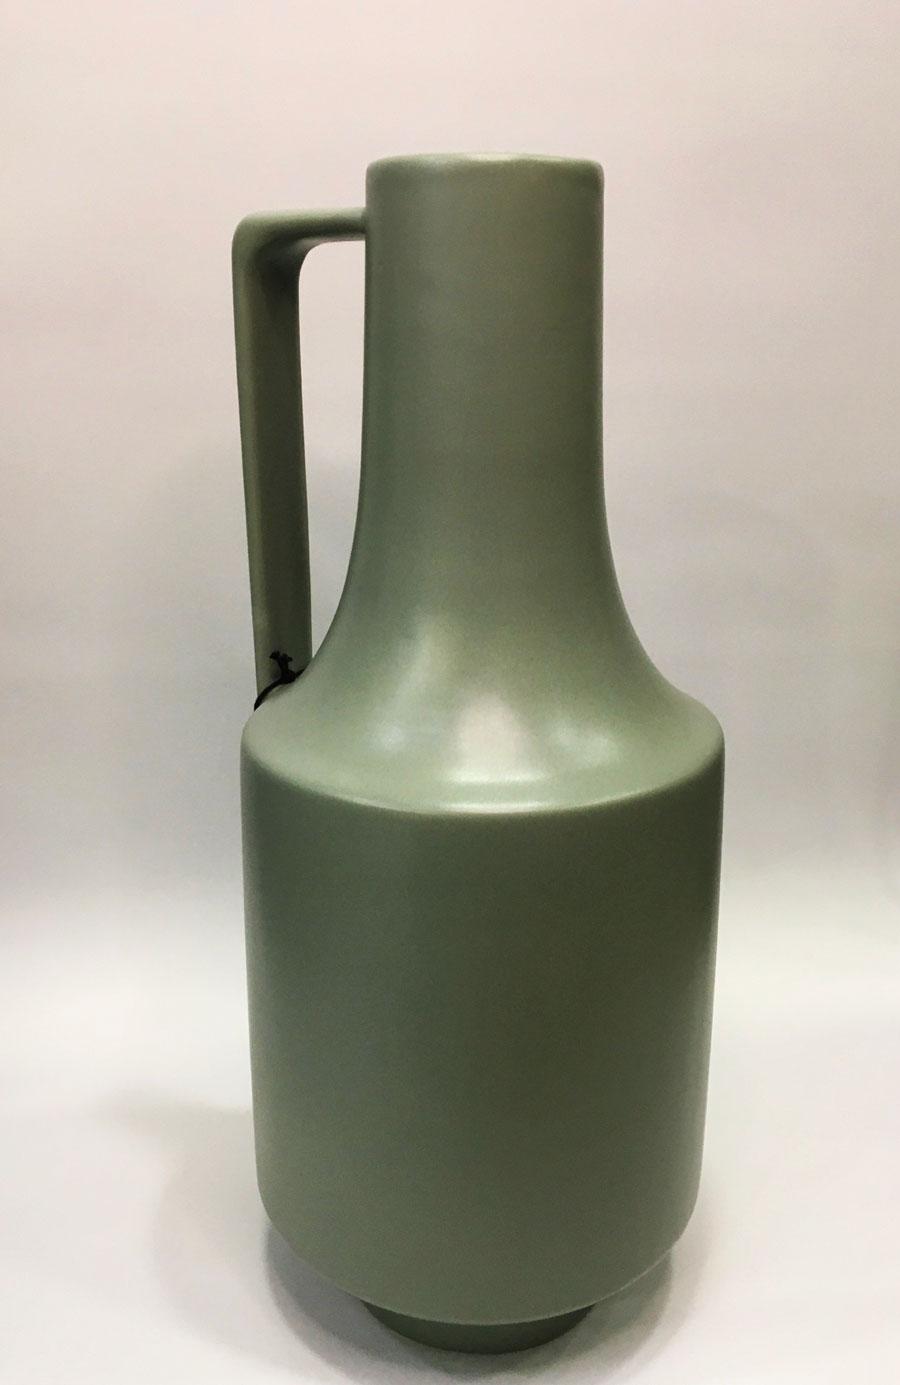 hk-living-Vase-1